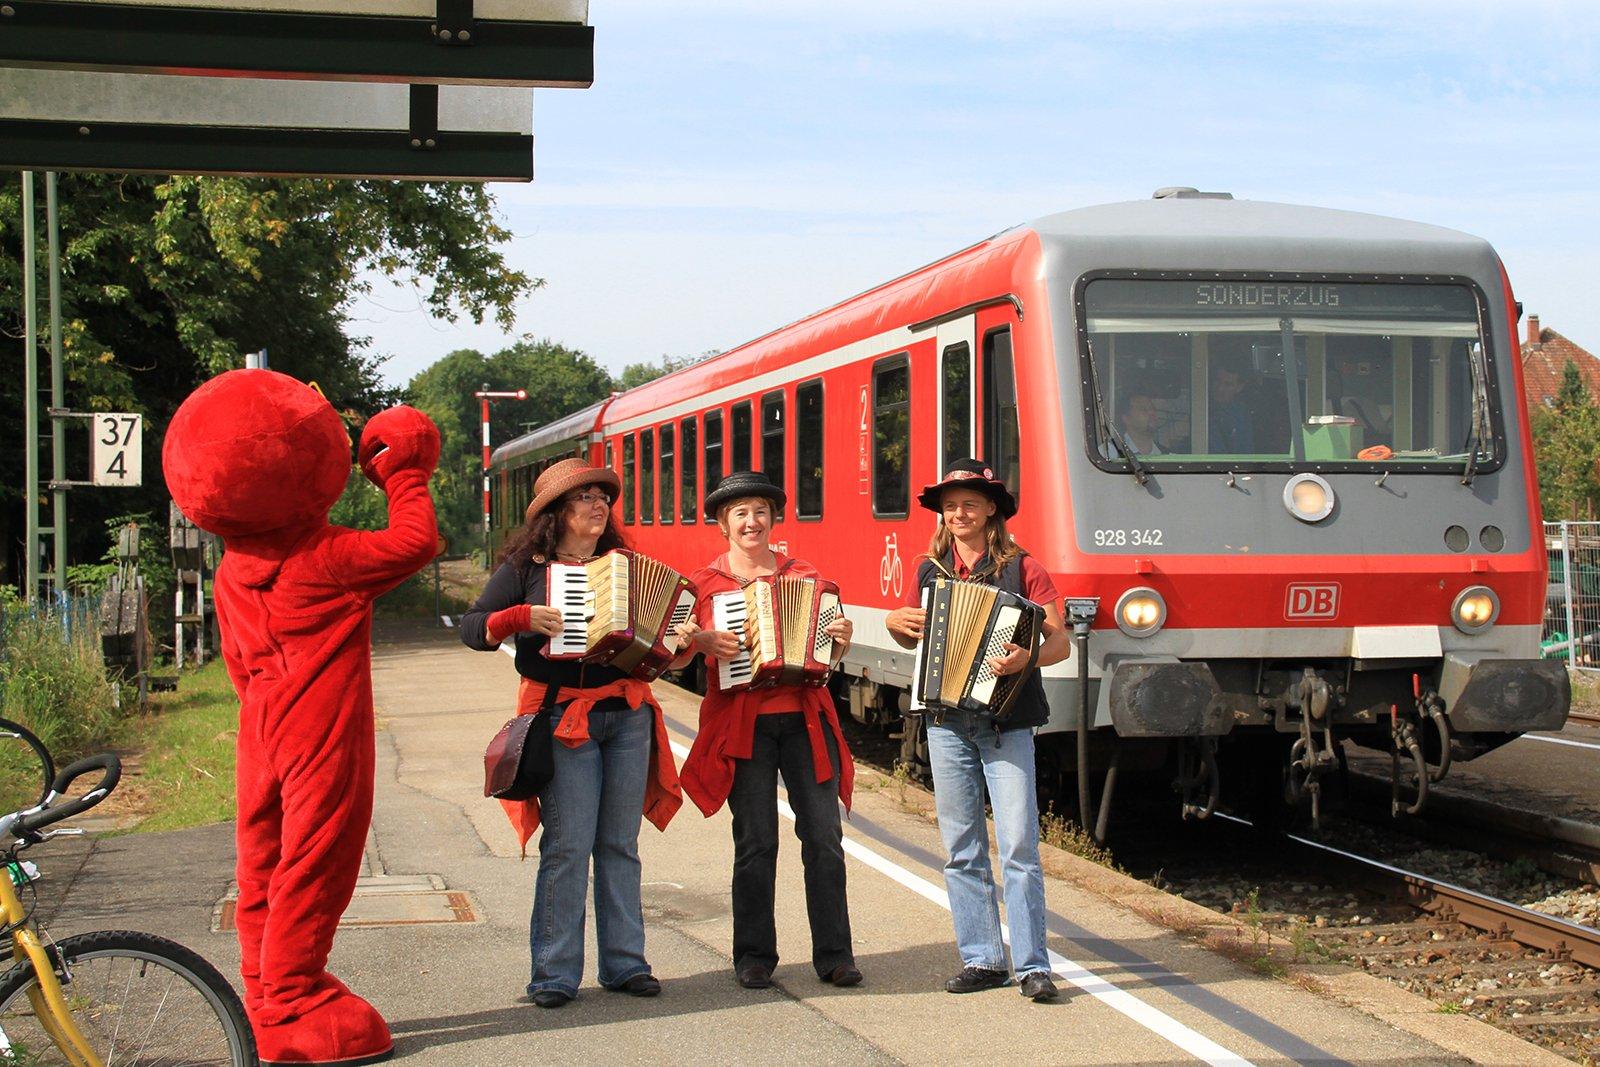 Großer Bahnhof für die Moorbahn in Bad Waldsee